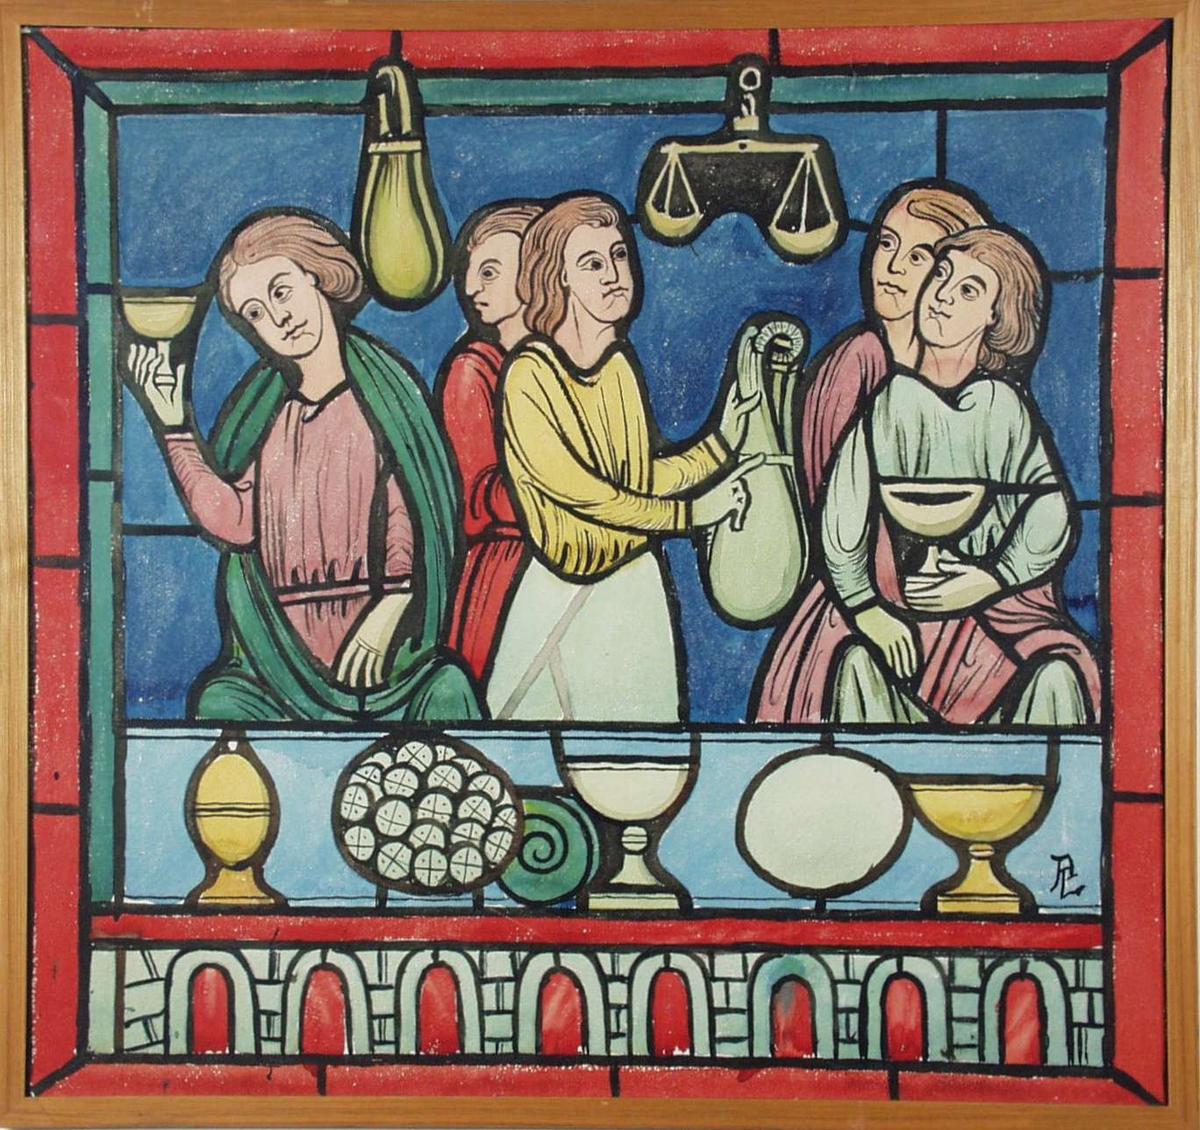 Bilde i middelalderstil. Det viser fem personer med begre, vekter, små sekker etc. Kan likne på et utkast til glassmaleri.